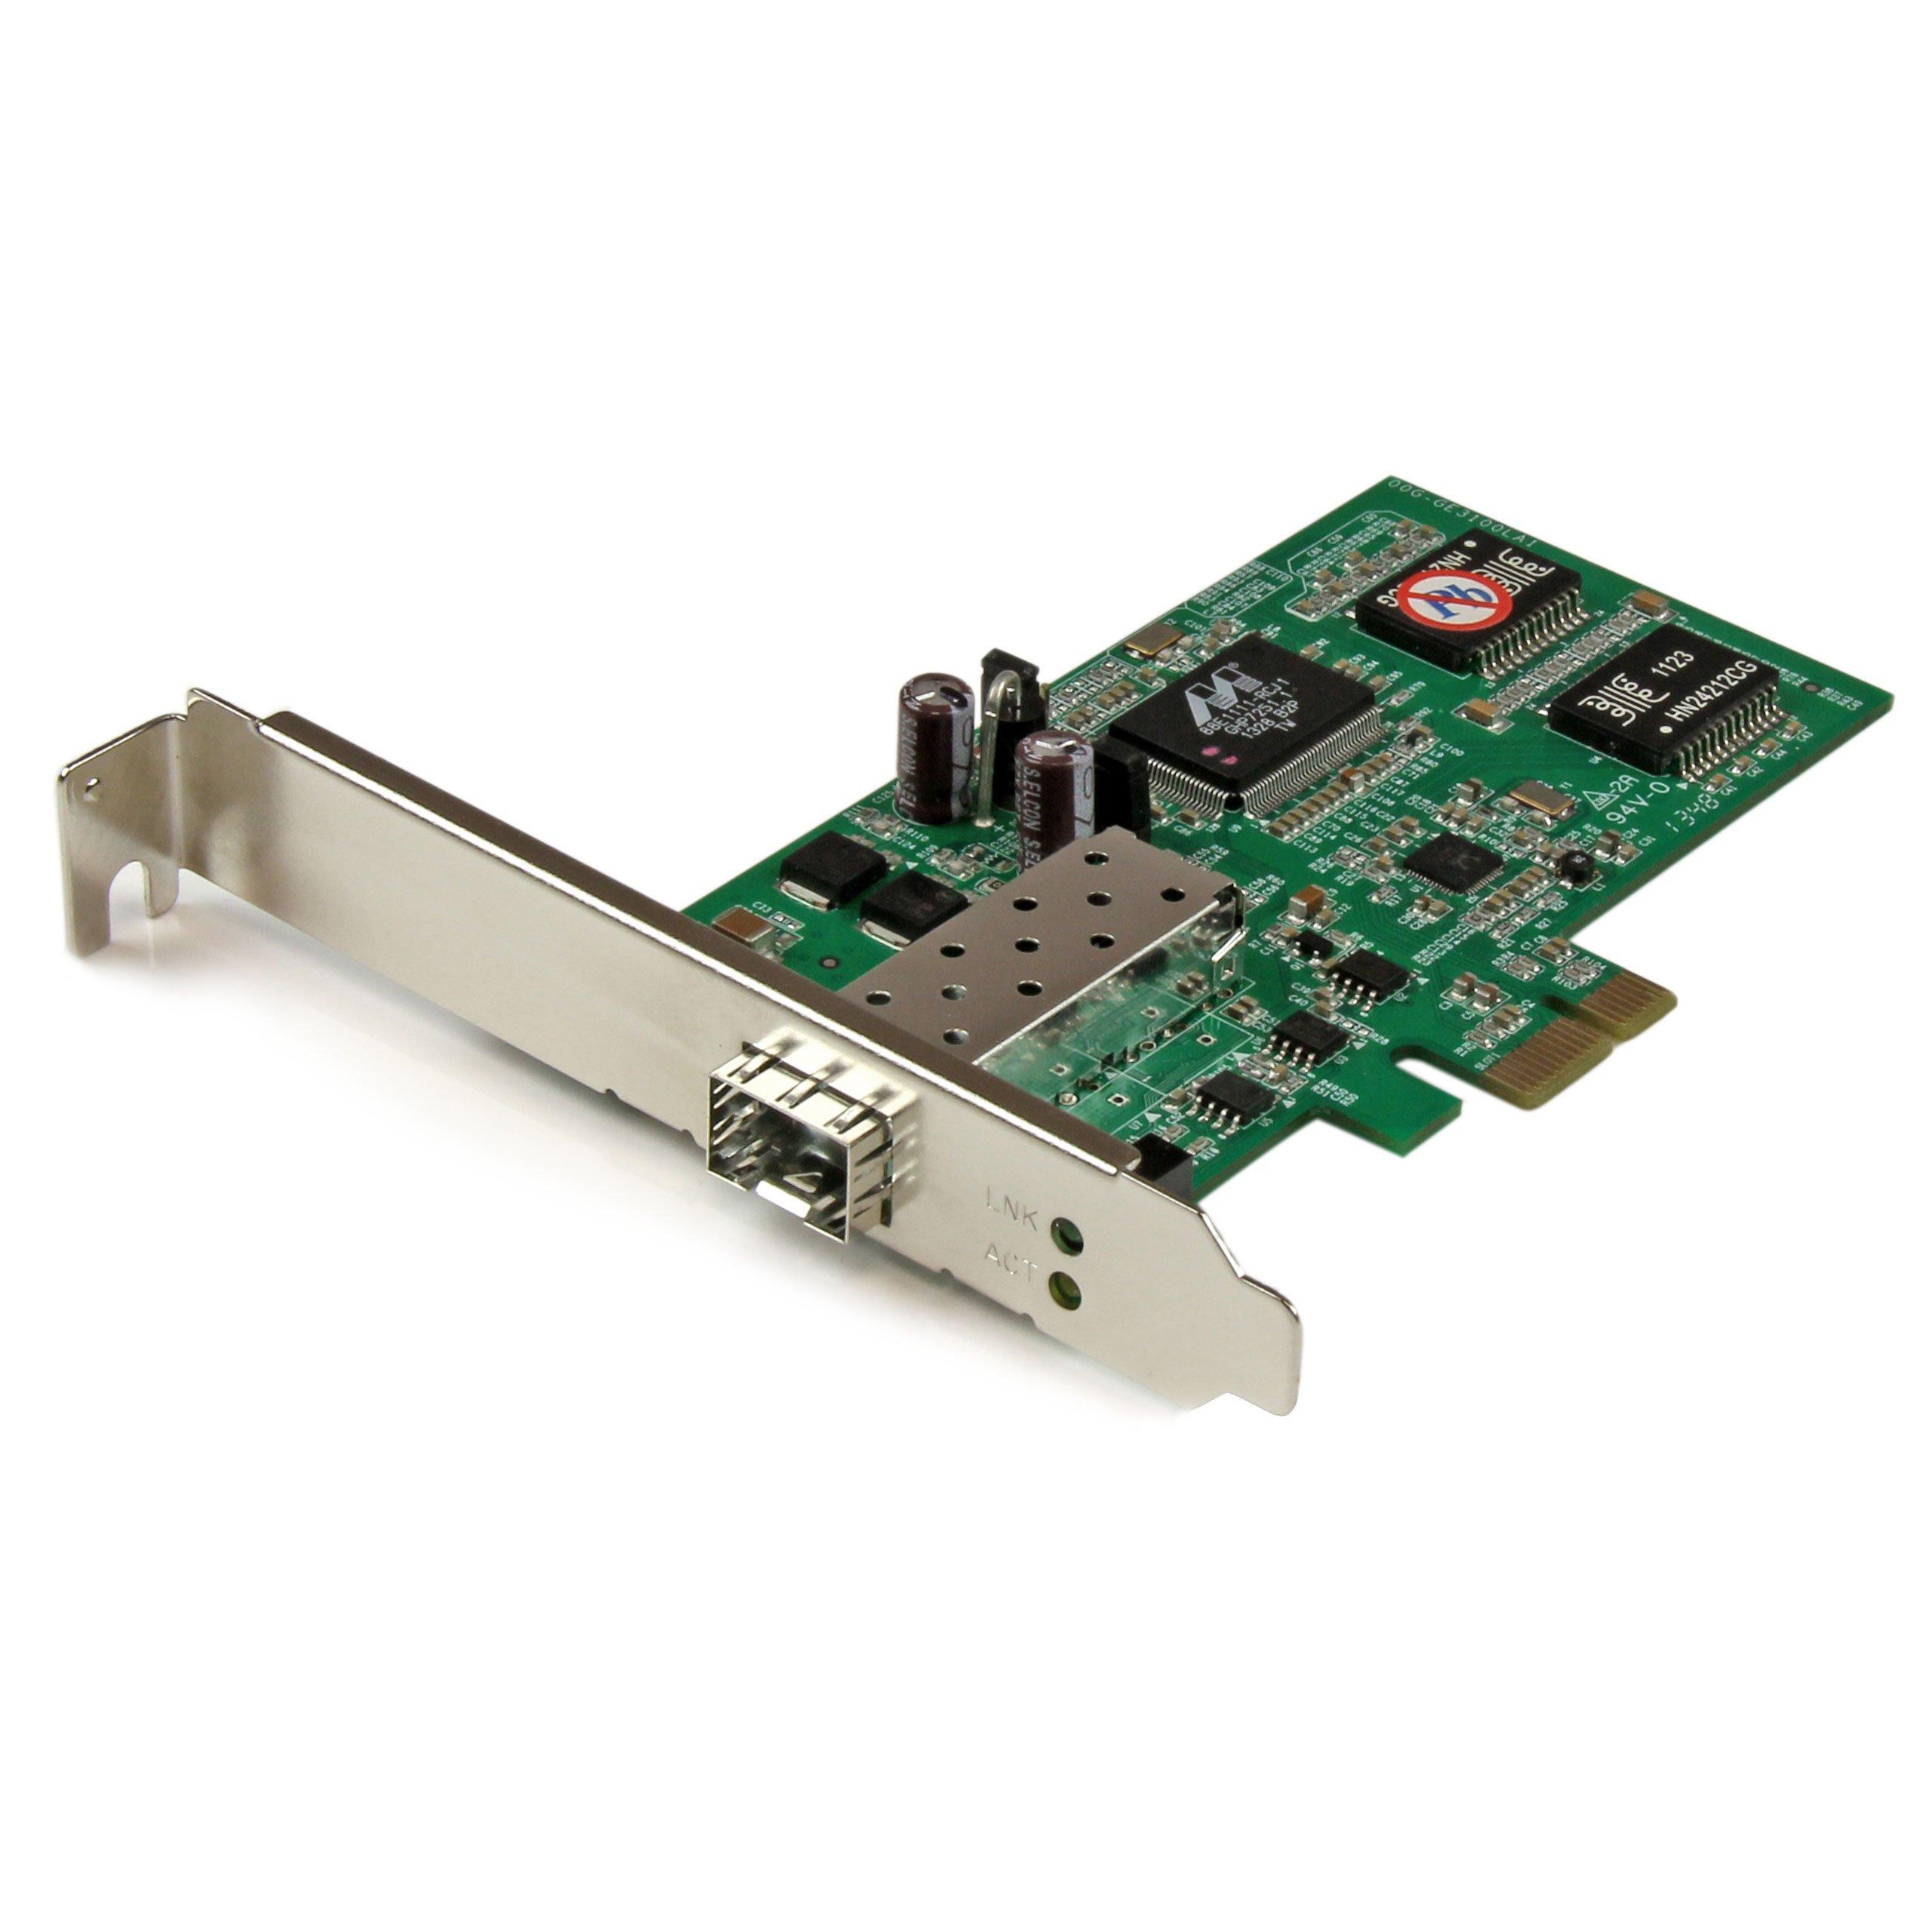 StarTech.com PCI Express Gigabit Ethernet Fiber Network Card with Open SFP (PEX1000SFP2) by StarTech